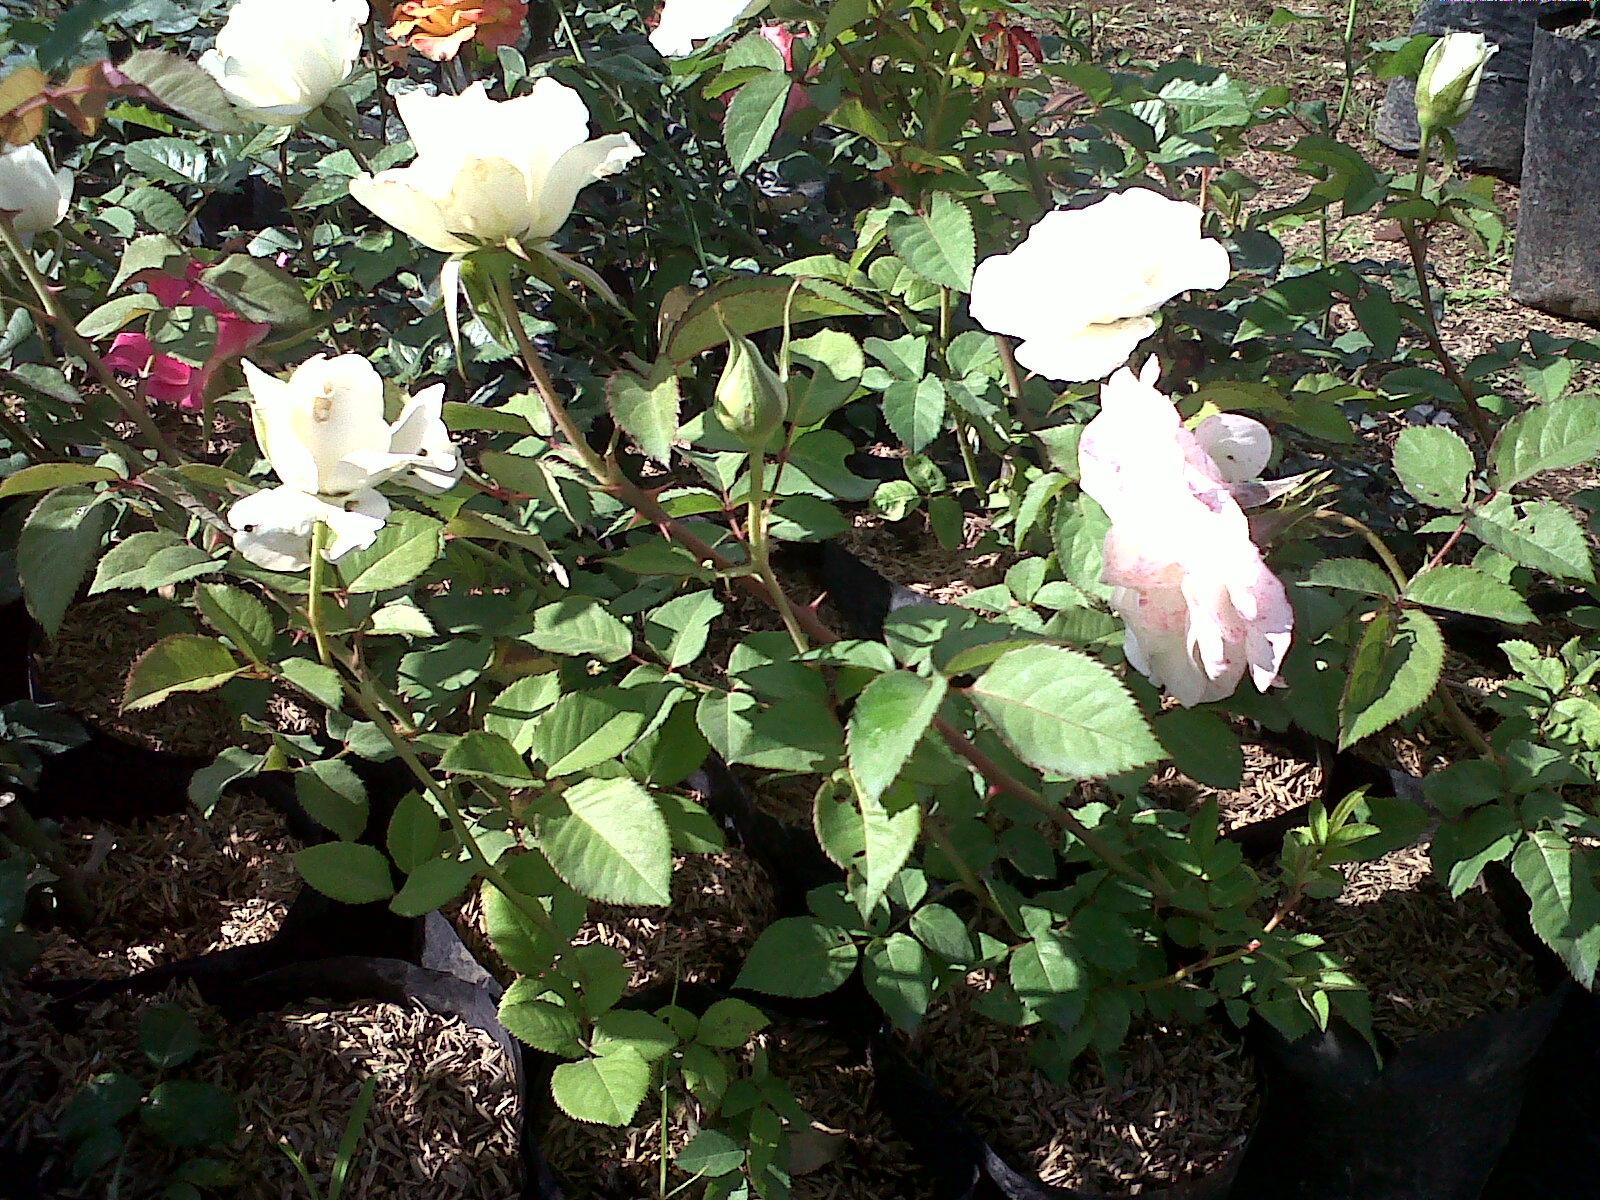 Jual Tanaman Mawar Putih Murah Jual Aneka Tanaman Hias